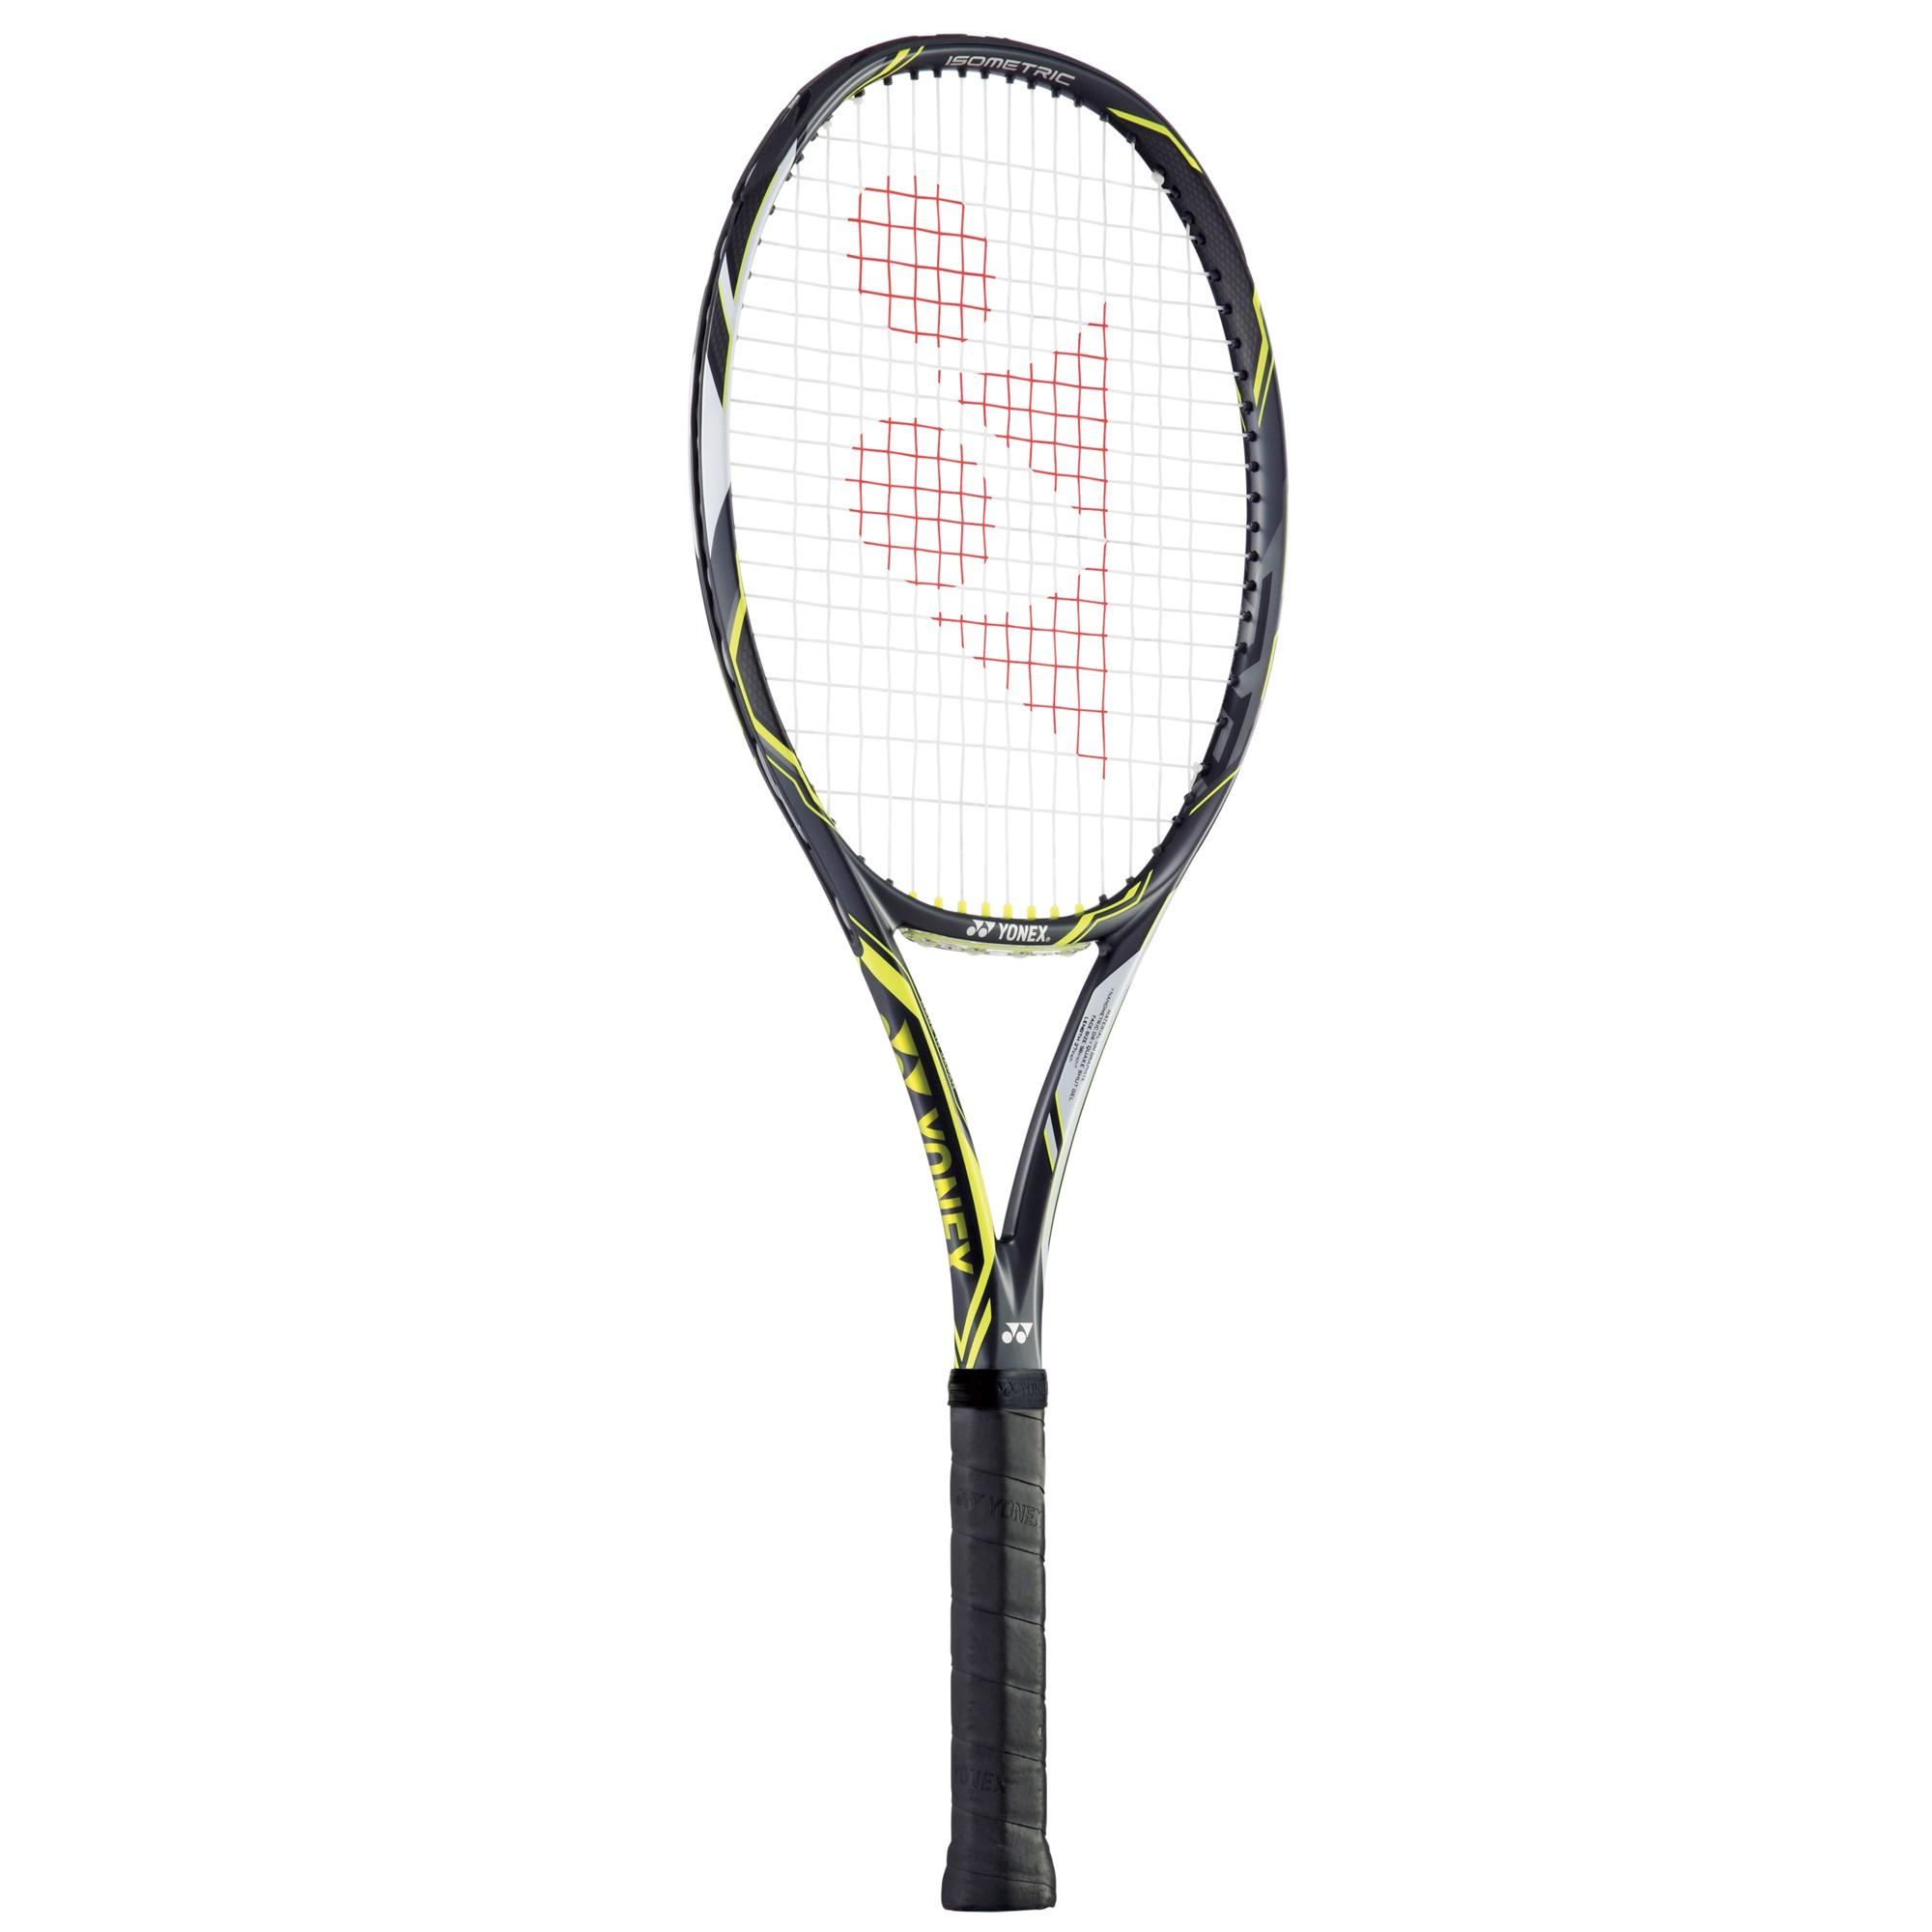 Rakieta tenisowa Yonex EZONE DR 98 (285g)